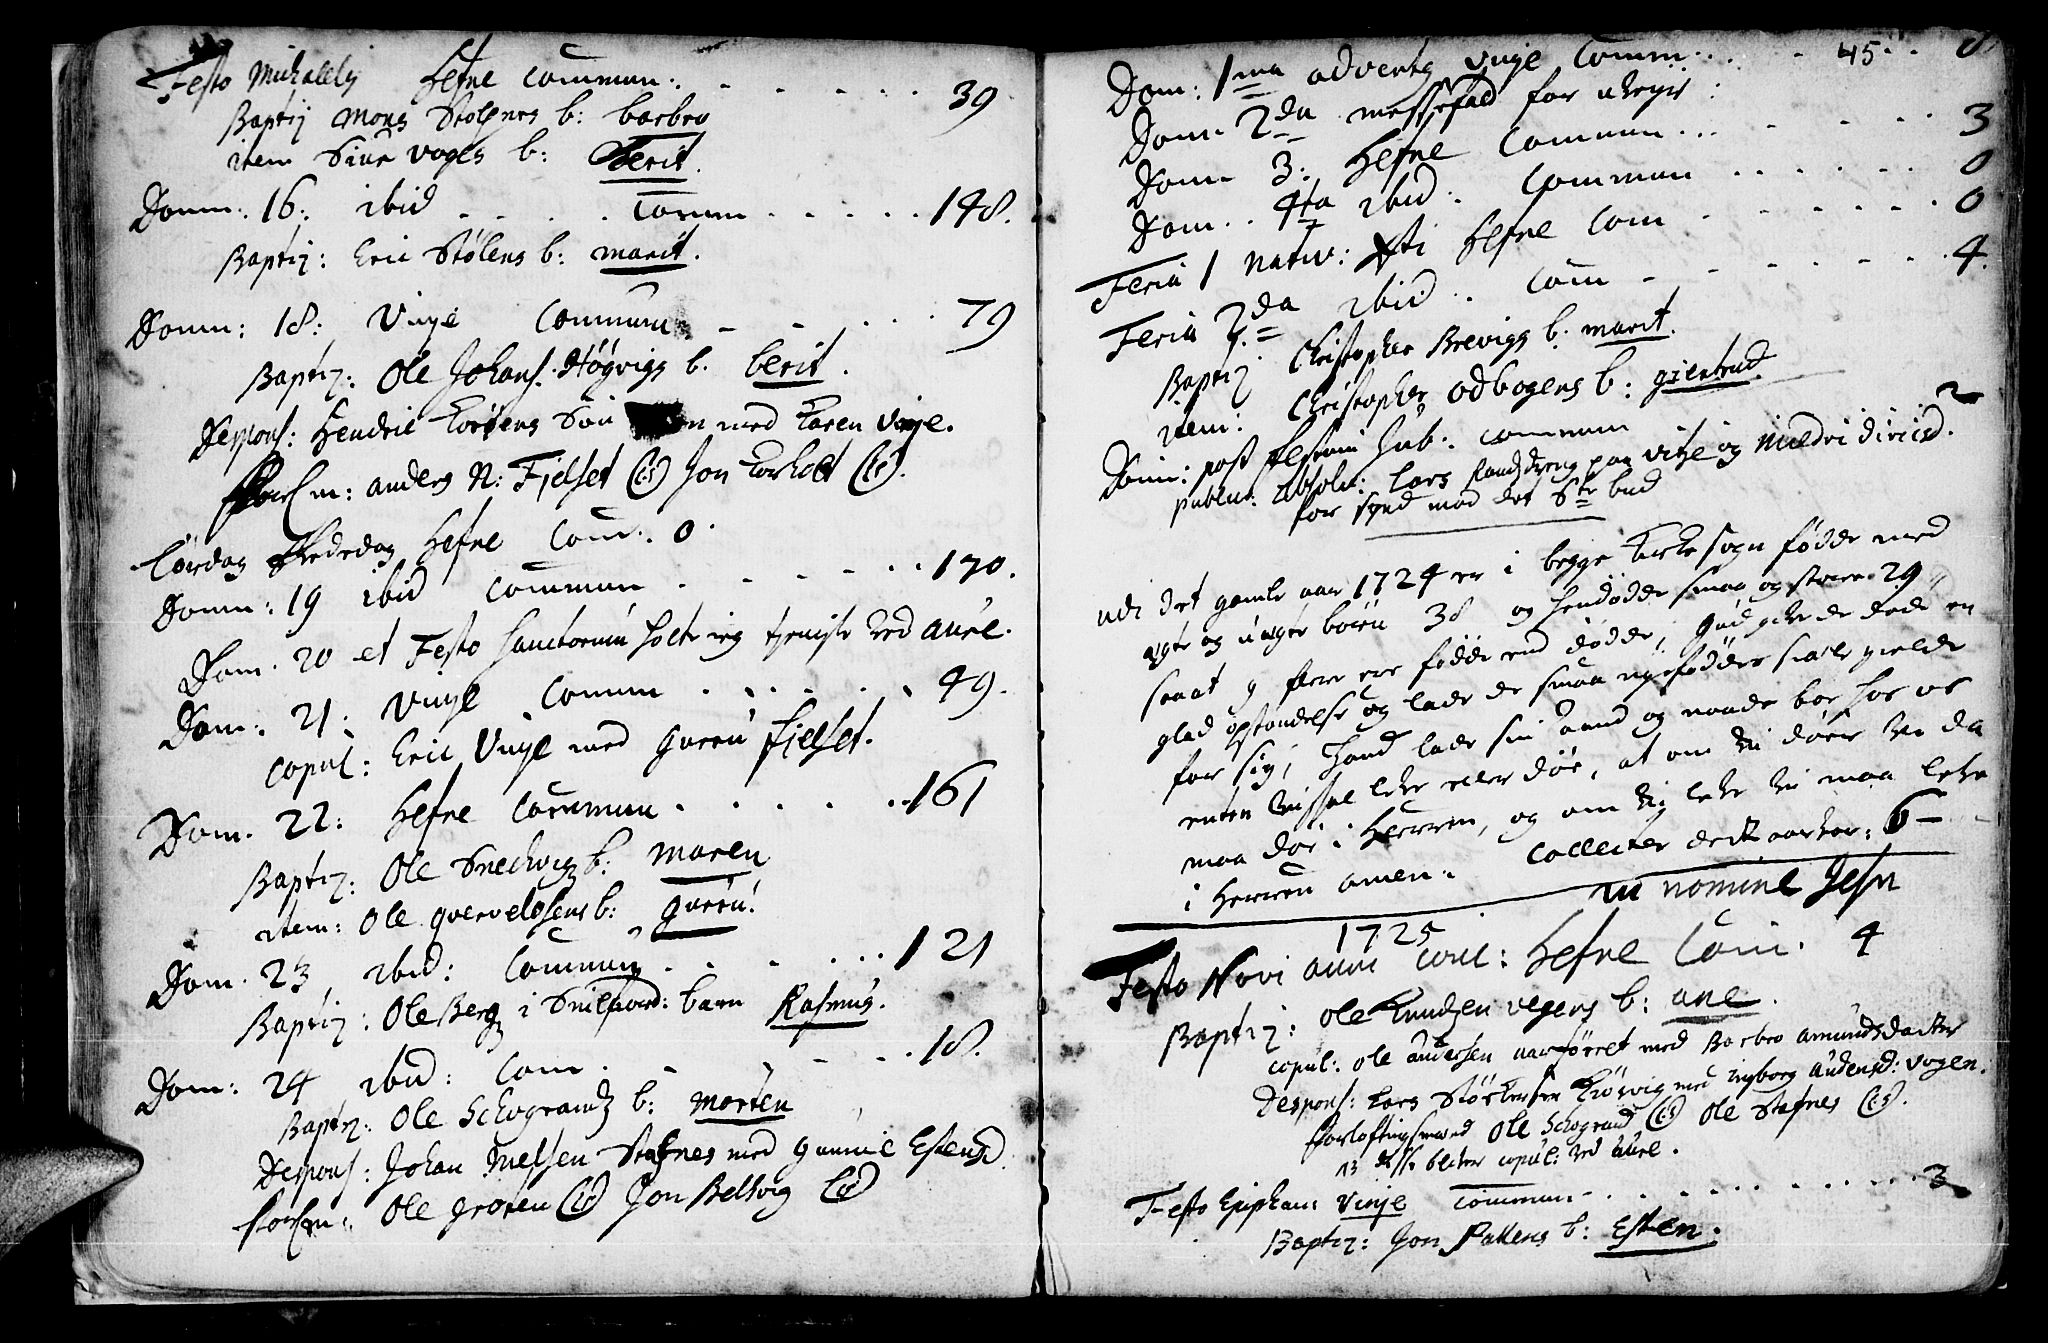 SAT, Ministerialprotokoller, klokkerbøker og fødselsregistre - Sør-Trøndelag, 630/L0488: Ministerialbok nr. 630A01, 1717-1756, s. 44-45